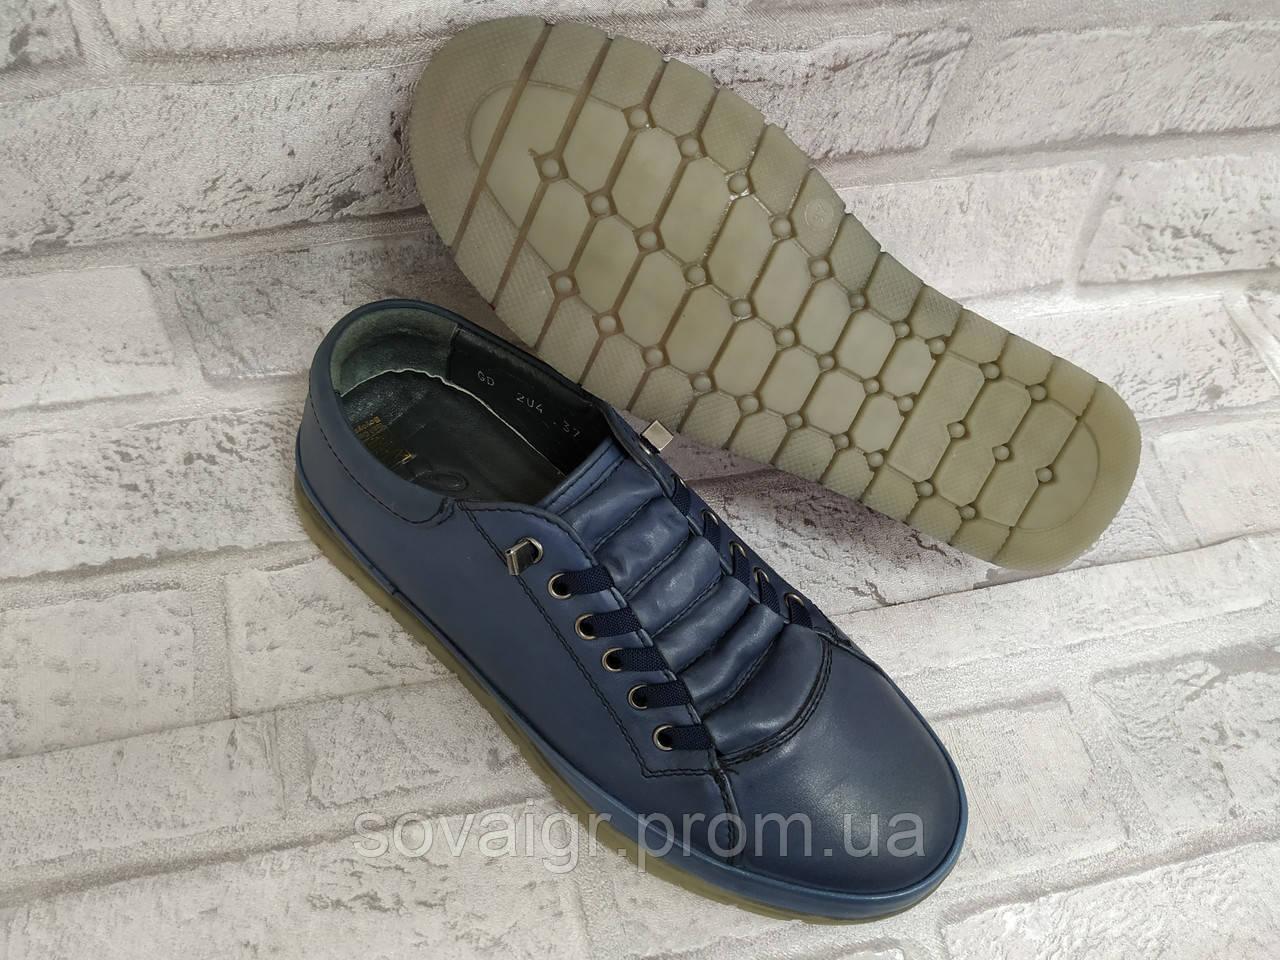 Спортивные туфли для мальчика кожаные синие G-Style